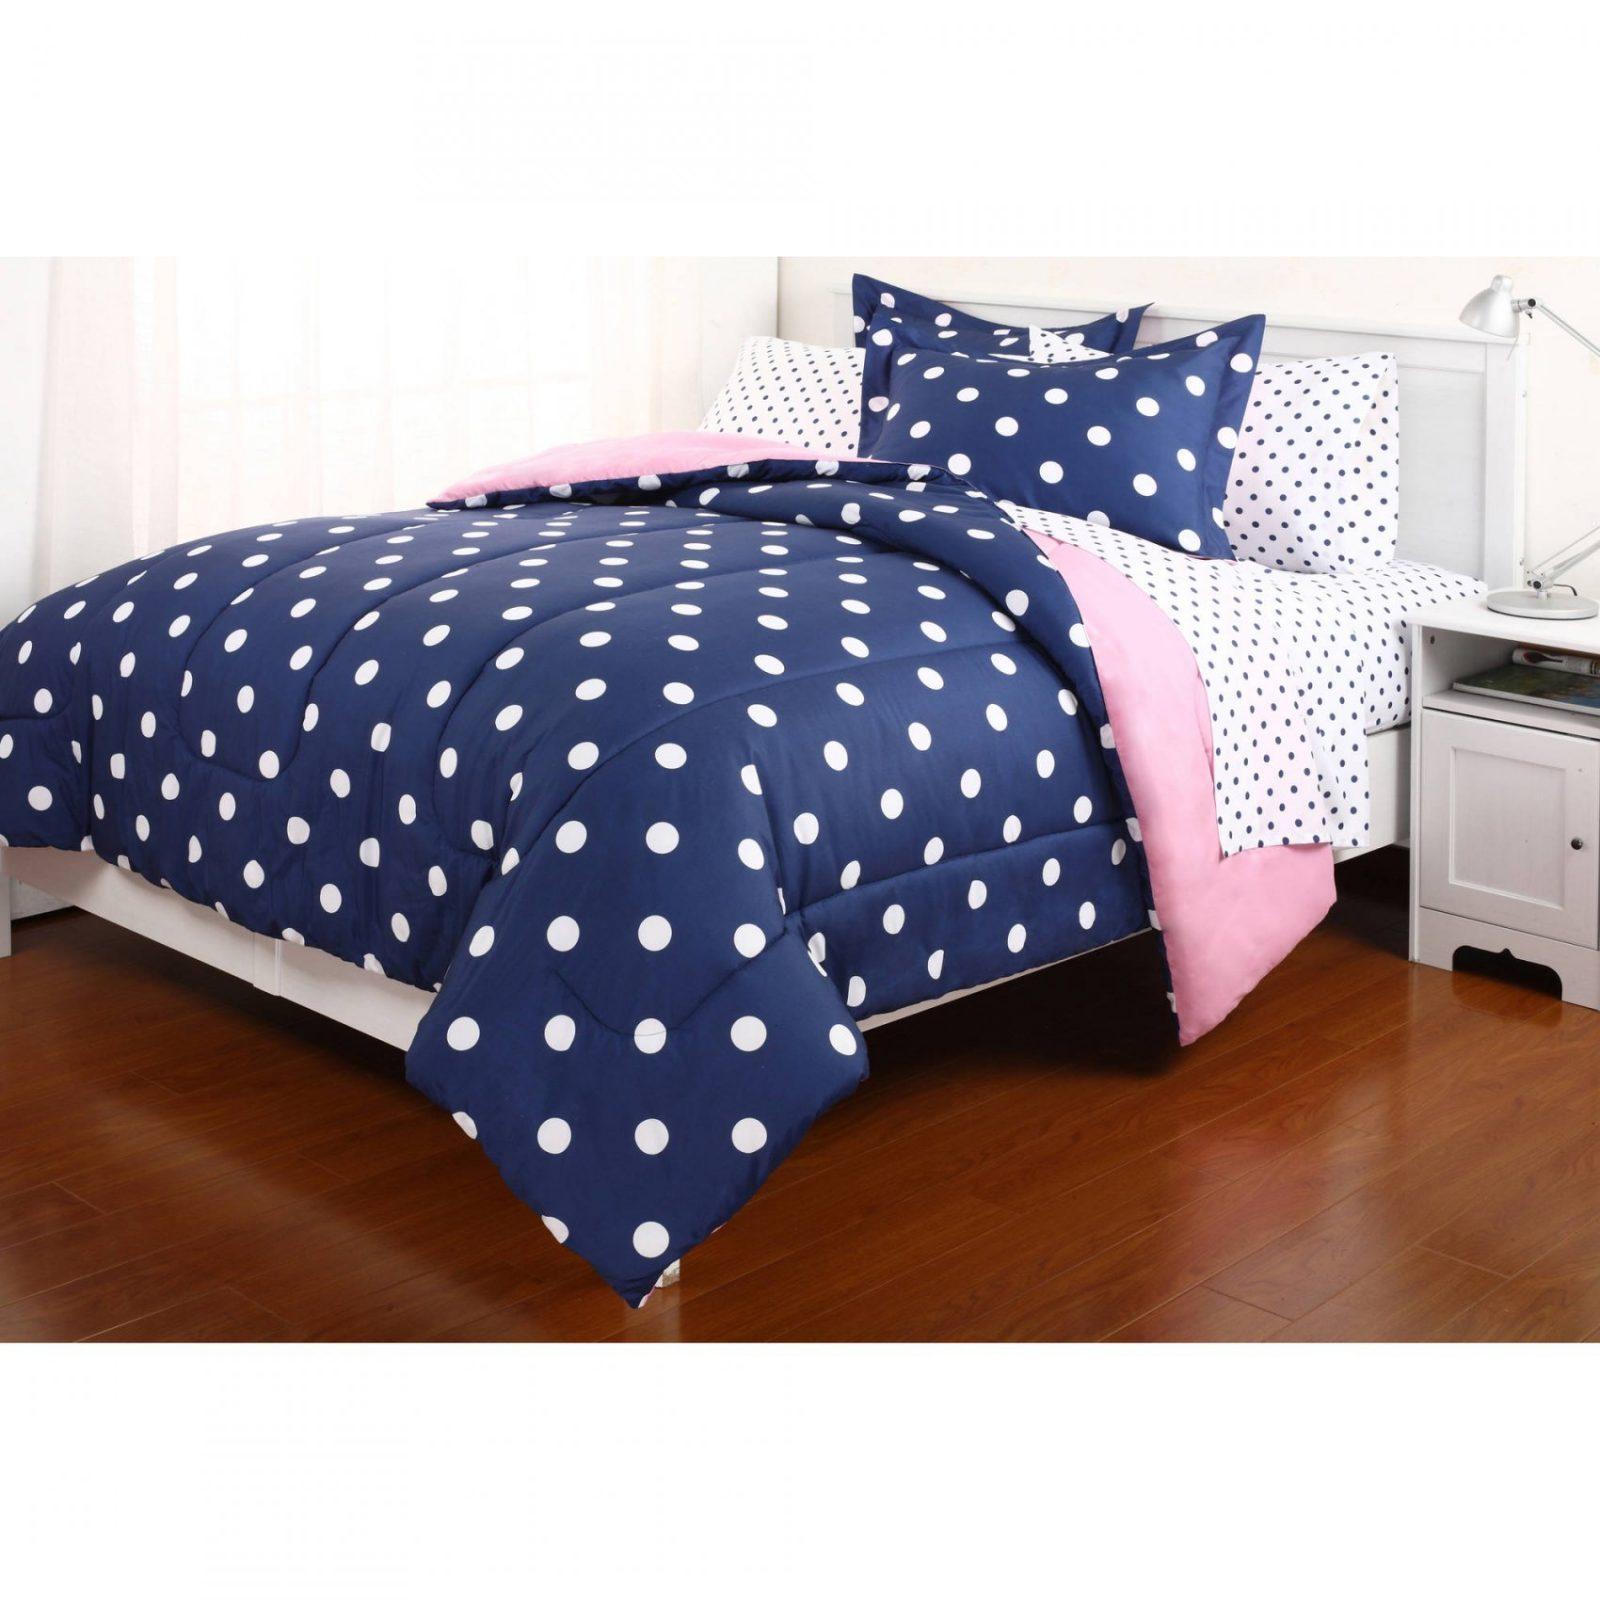 Polka Dot Reversible Bed In A Bag Bedding Set  Walmart von Polka Dotted Bed Sheets Bild